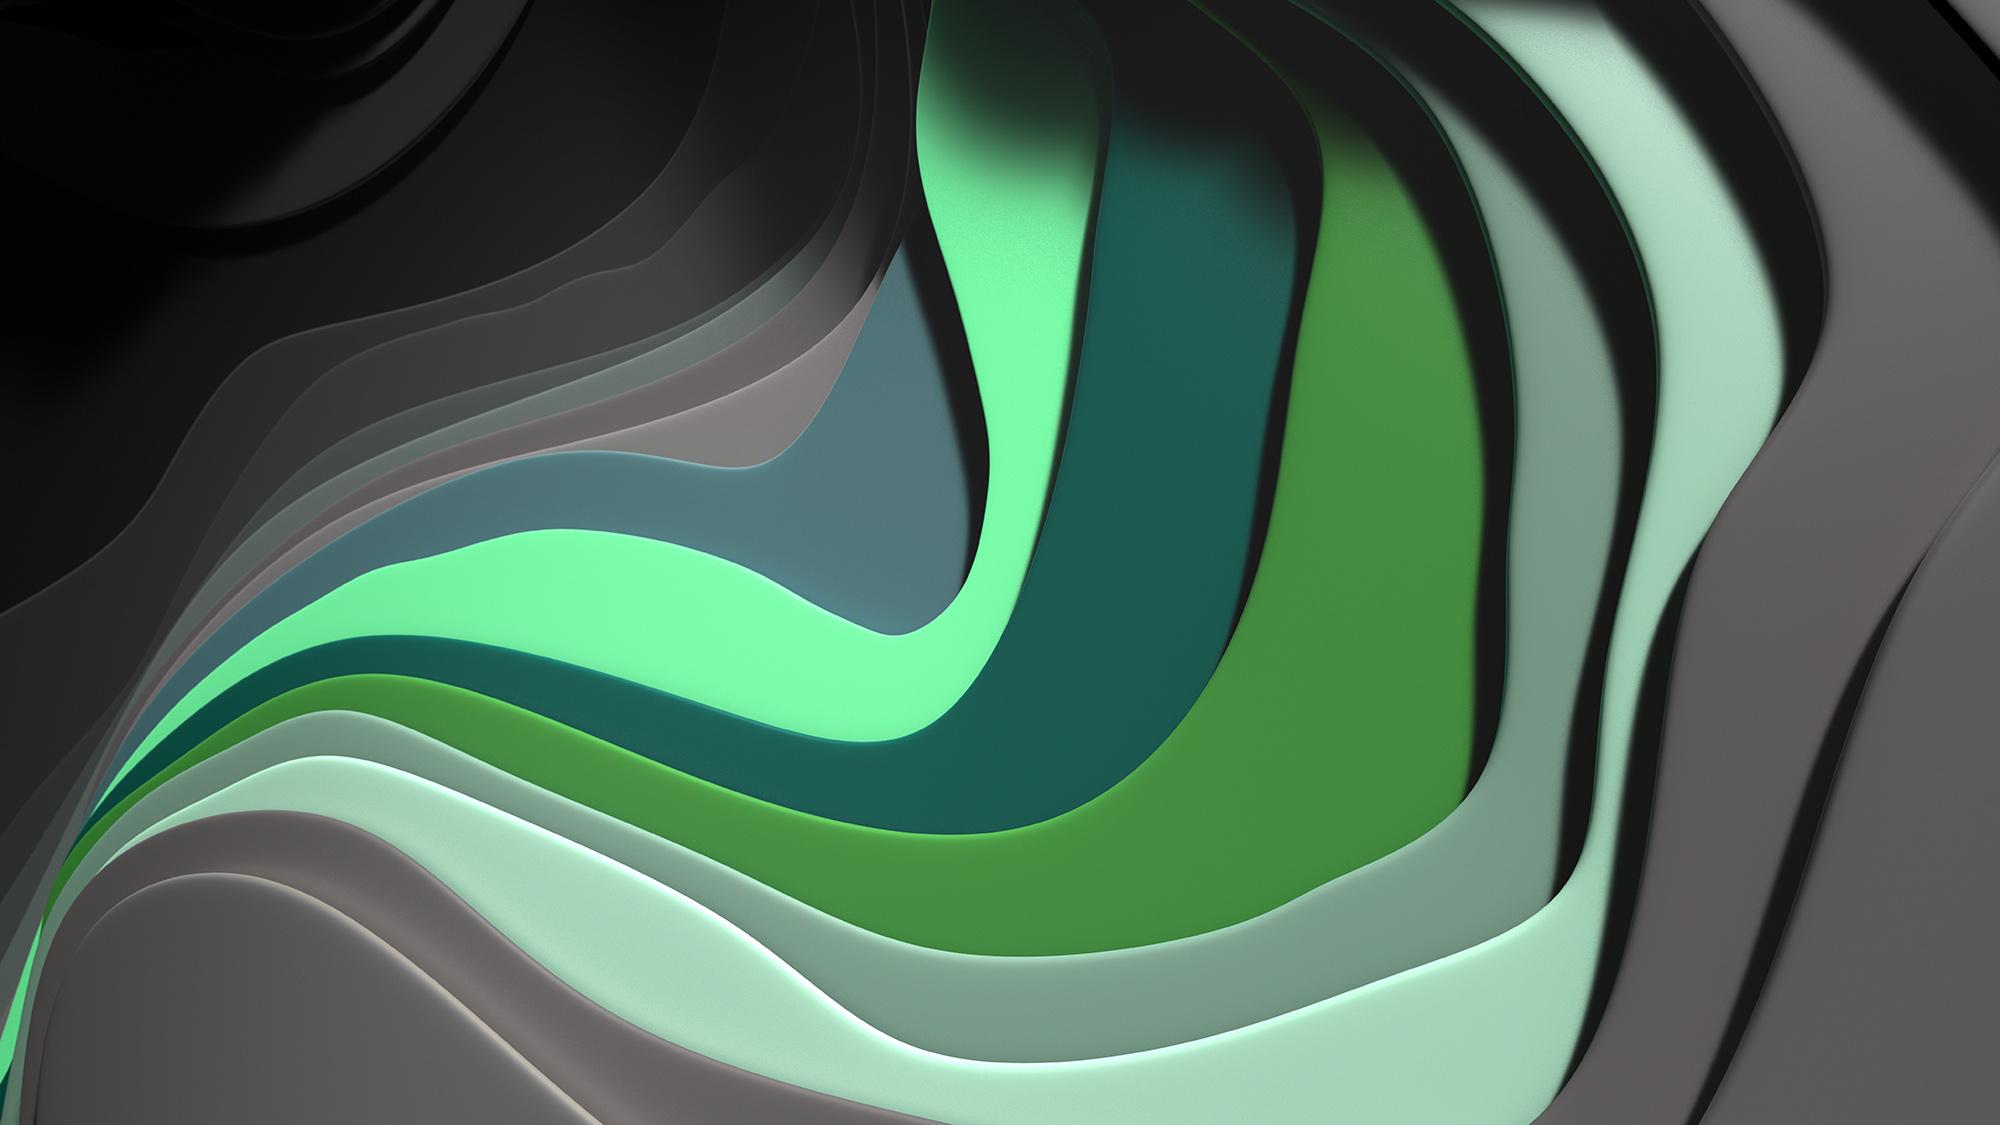 SBS_IDENT02_green_night_2k_108 (00108).jpg